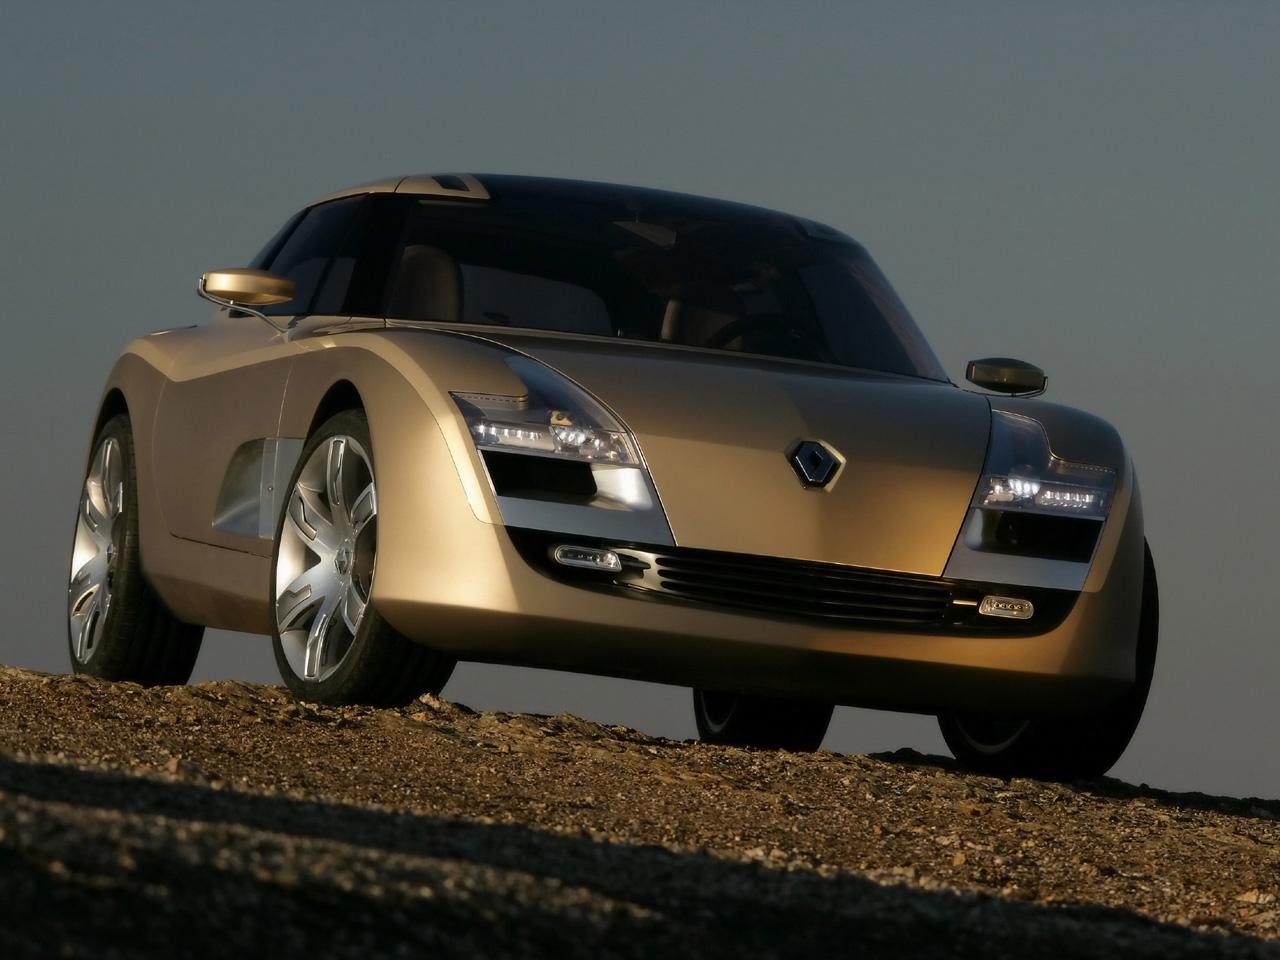 47502 скачать обои Транспорт, Машины, Рено (Renault) - заставки и картинки бесплатно